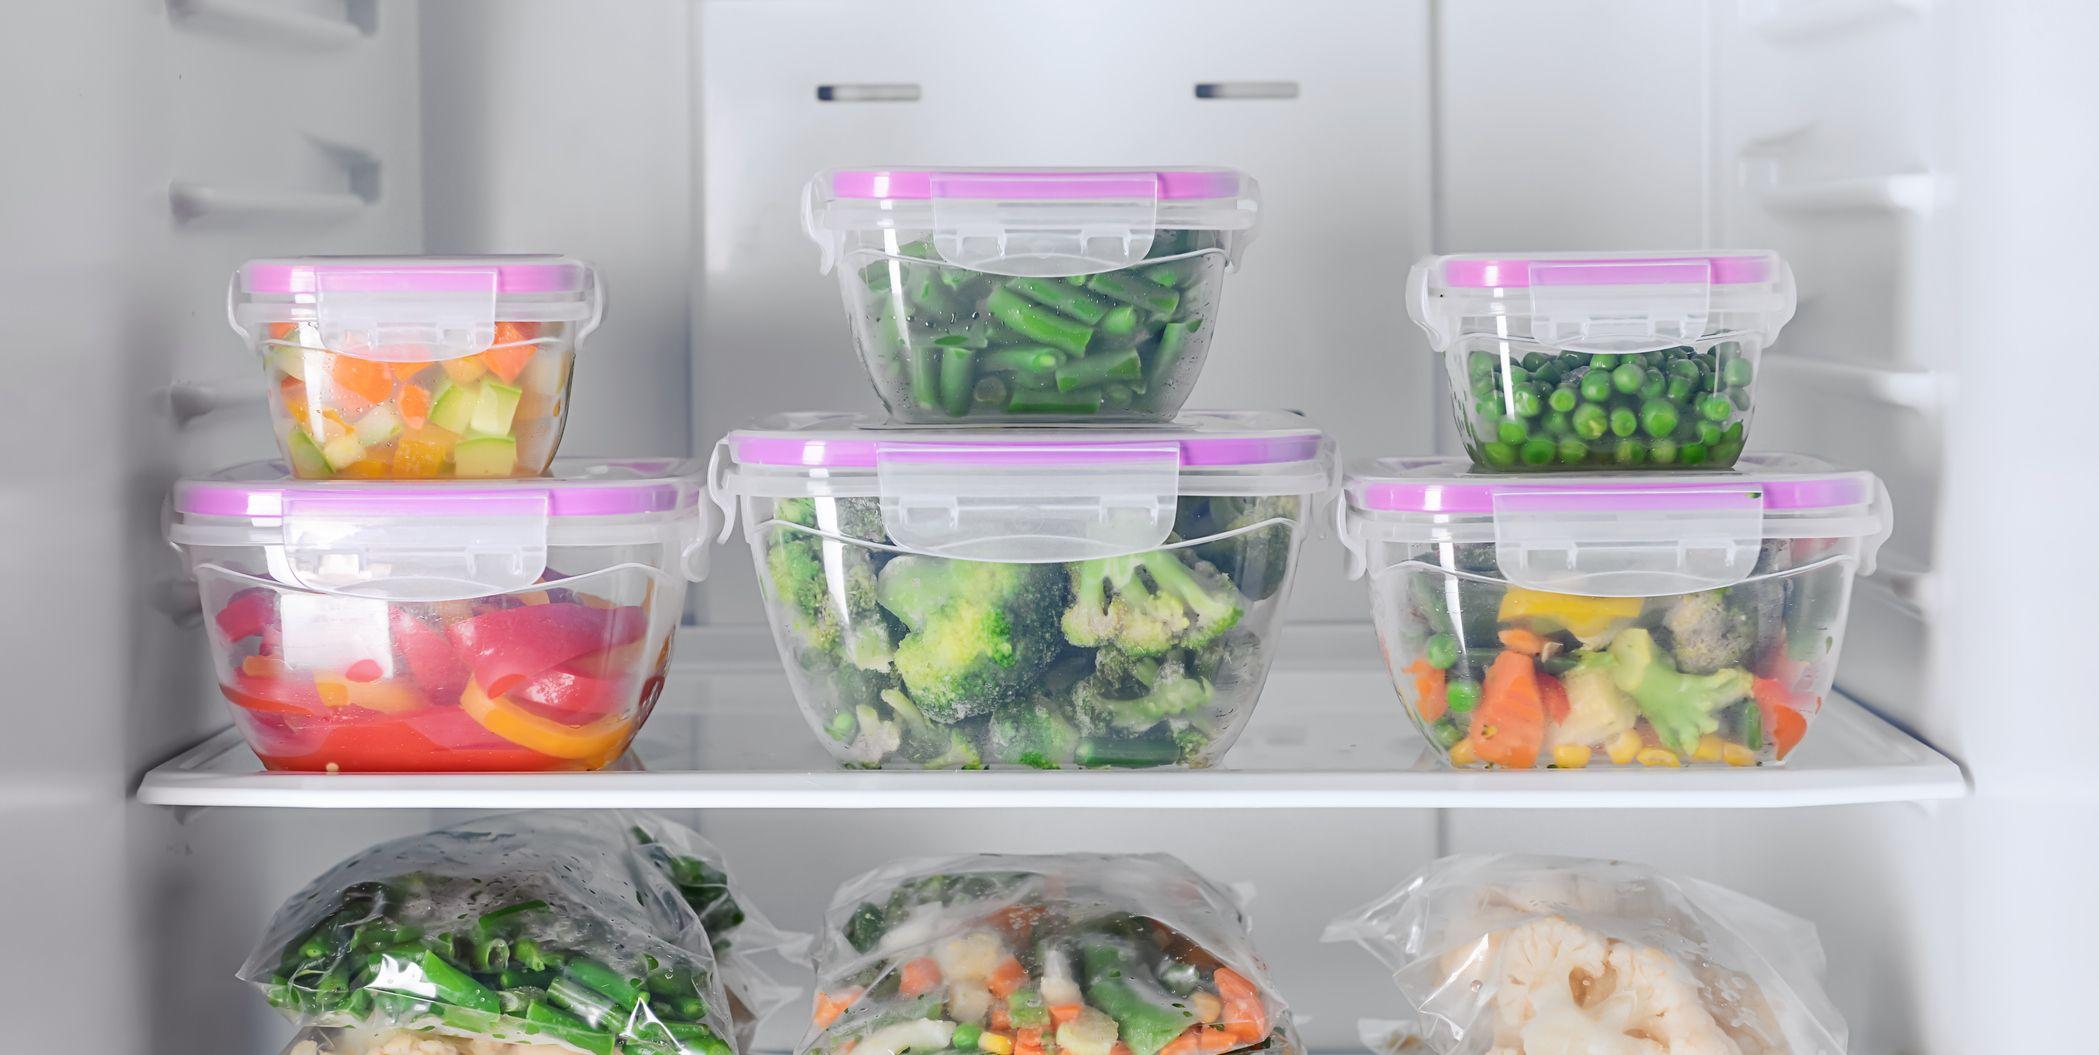 20 Köche enthüllen das Essen, das Sie jederzeit in Ihrem Gefrierschrank aufbewahren können